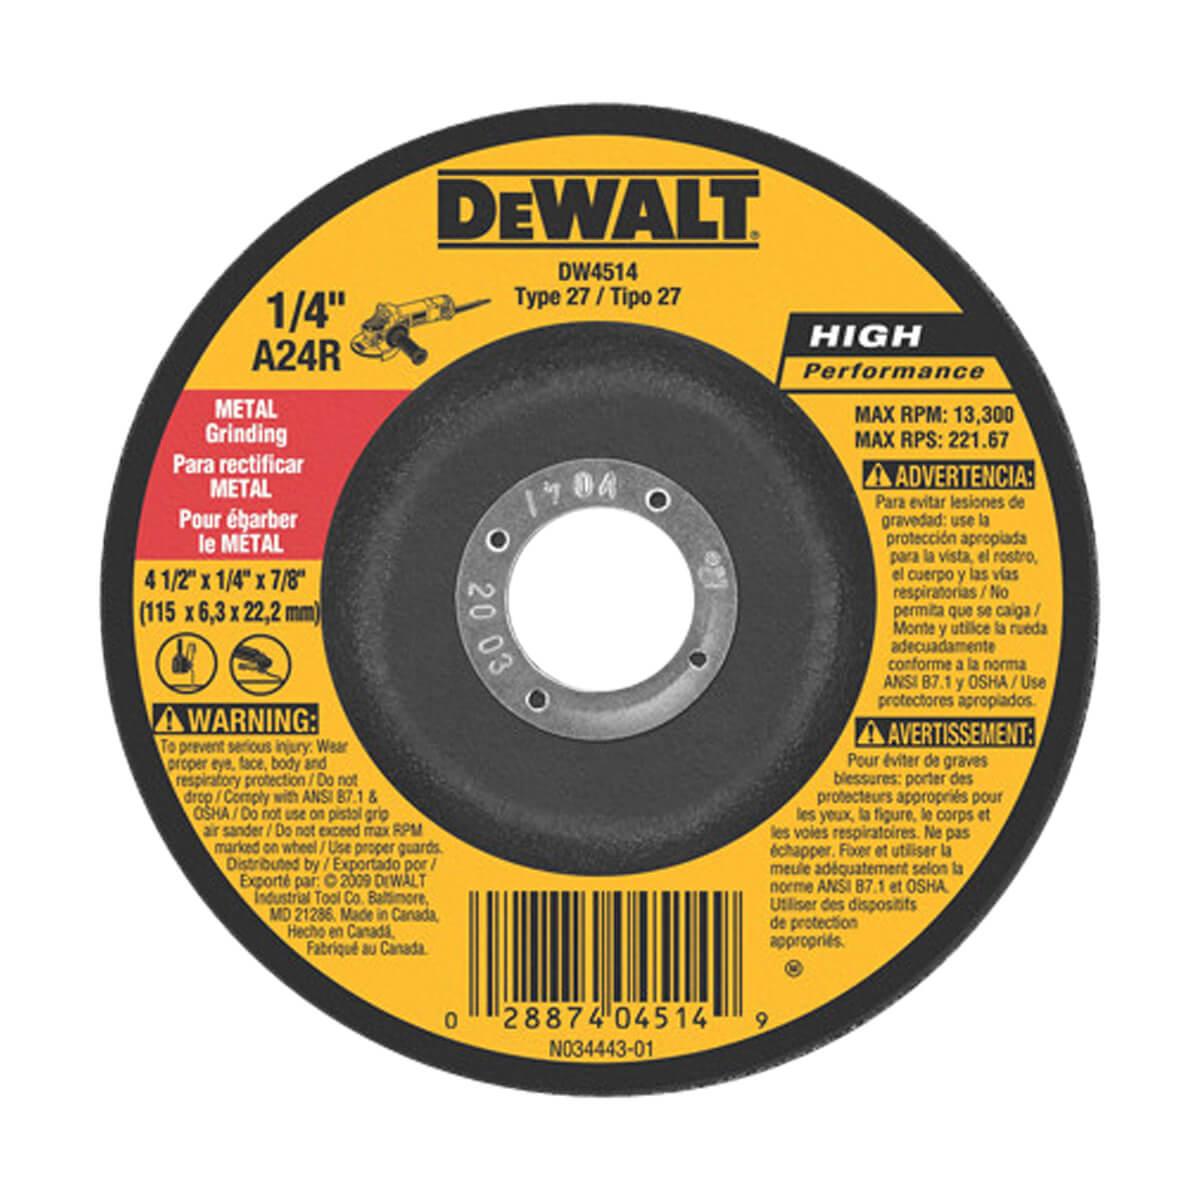 """DEWALT General Purpose Metal Grinding Wheel - 4-1/2"""" x 1/4"""" x 7/8"""""""